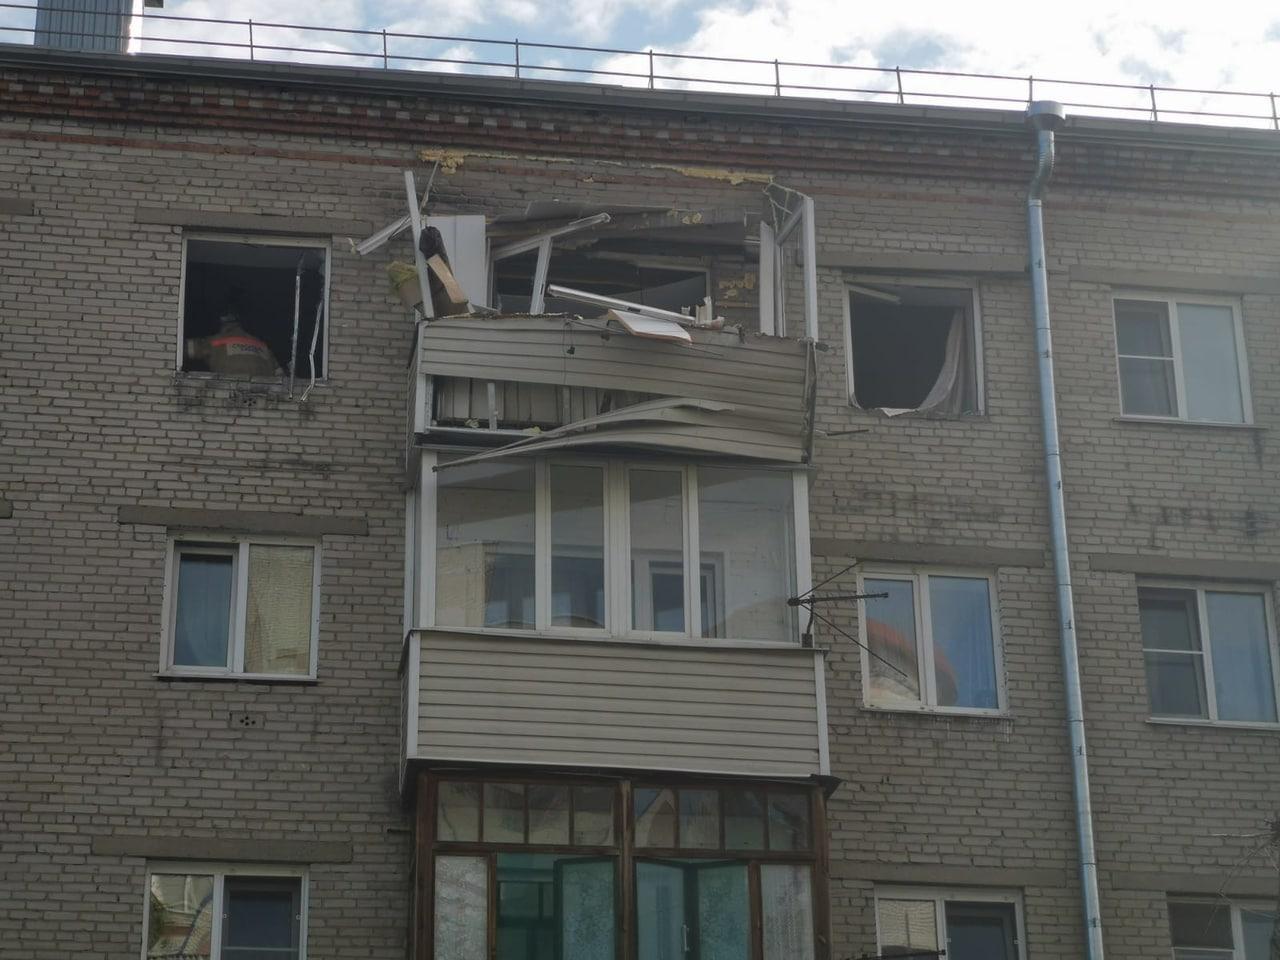 Предварительно назвали причину взрыва в многоквартирном доме в Барнауле